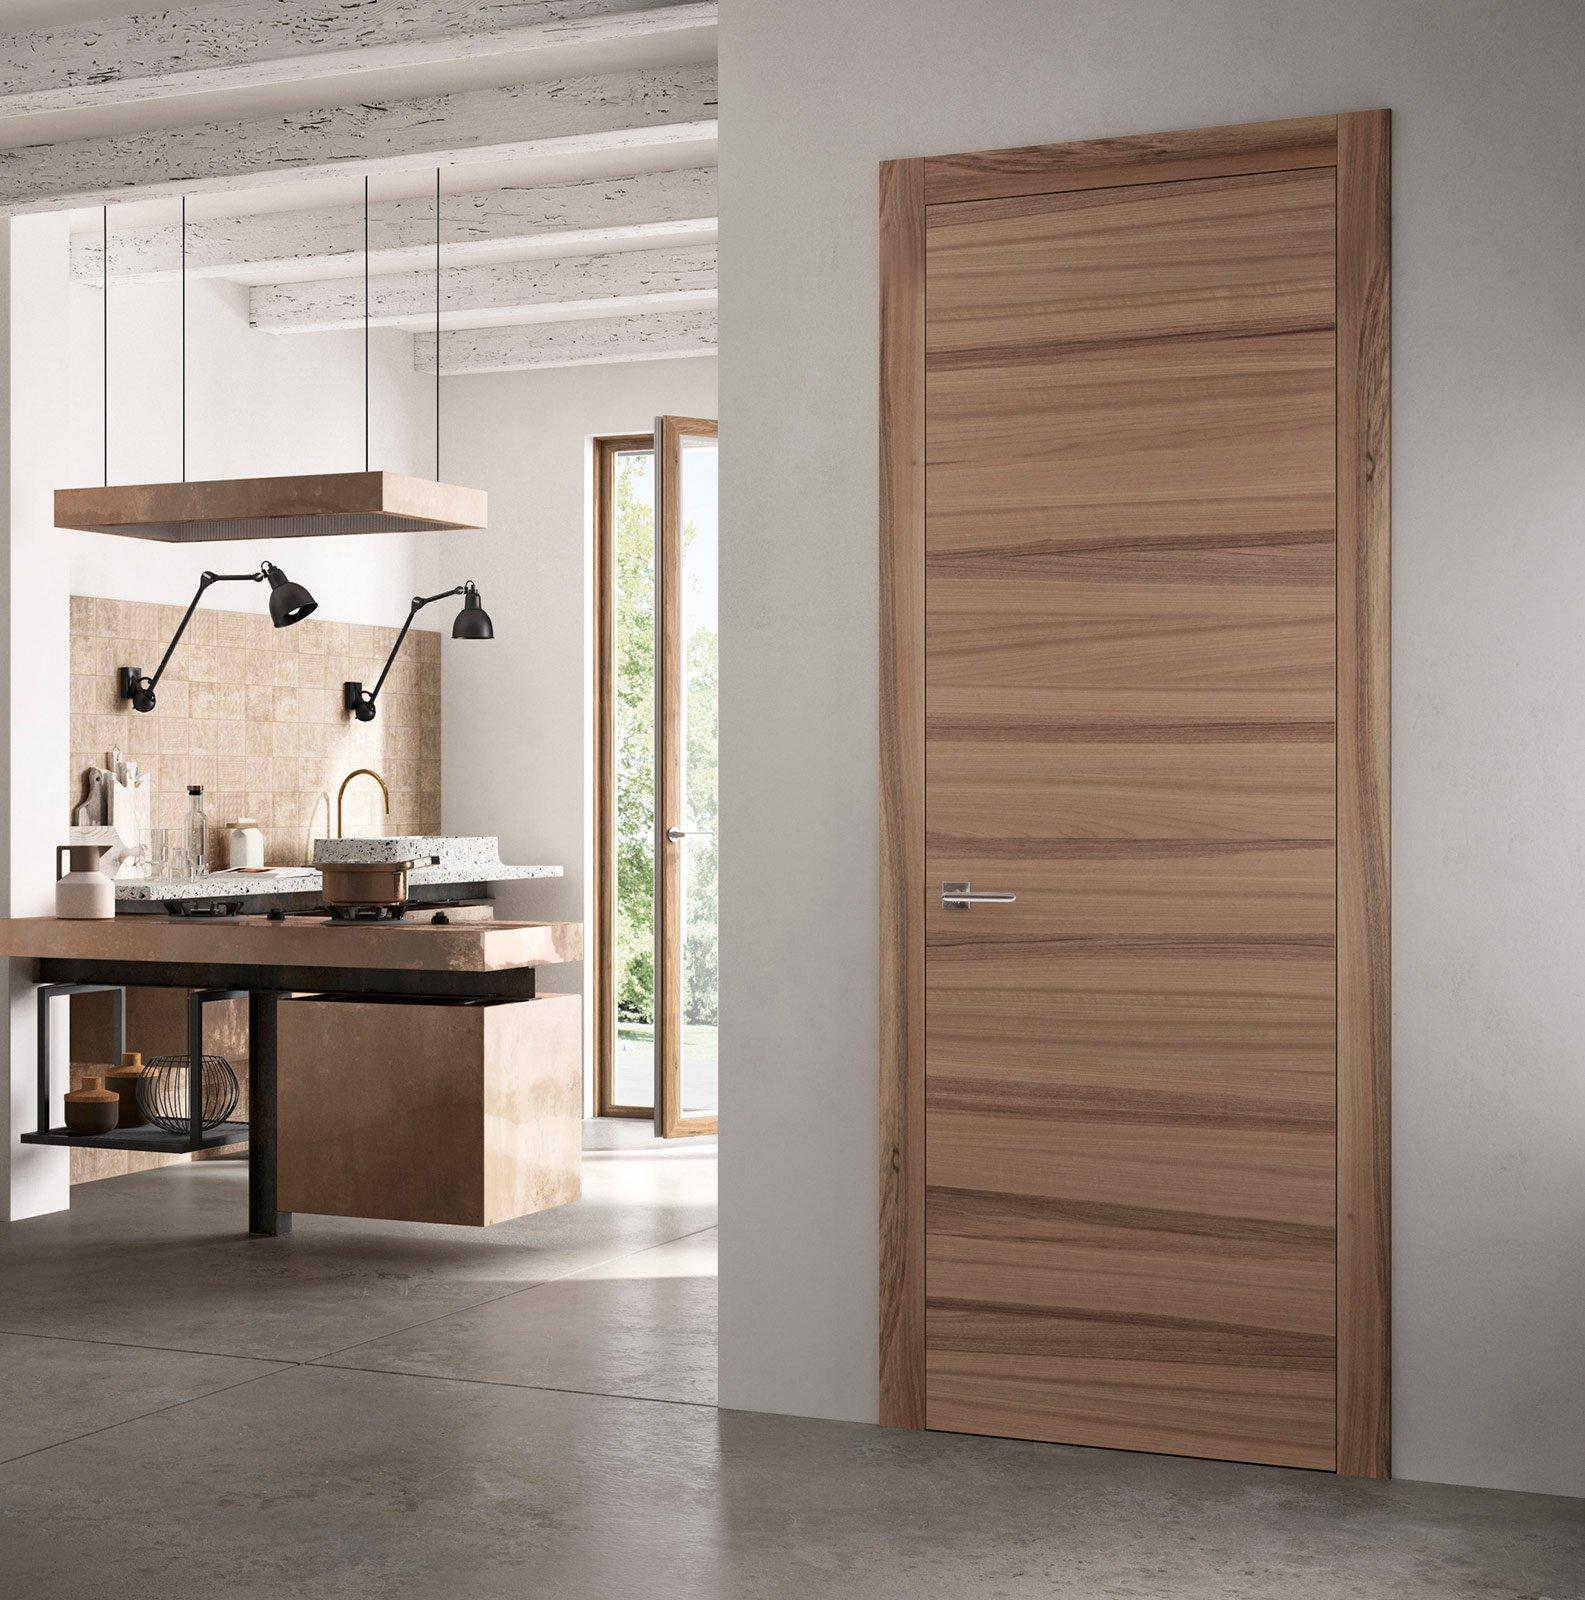 Arredare con le porte cose di casa for Abbinamento parquet e porte